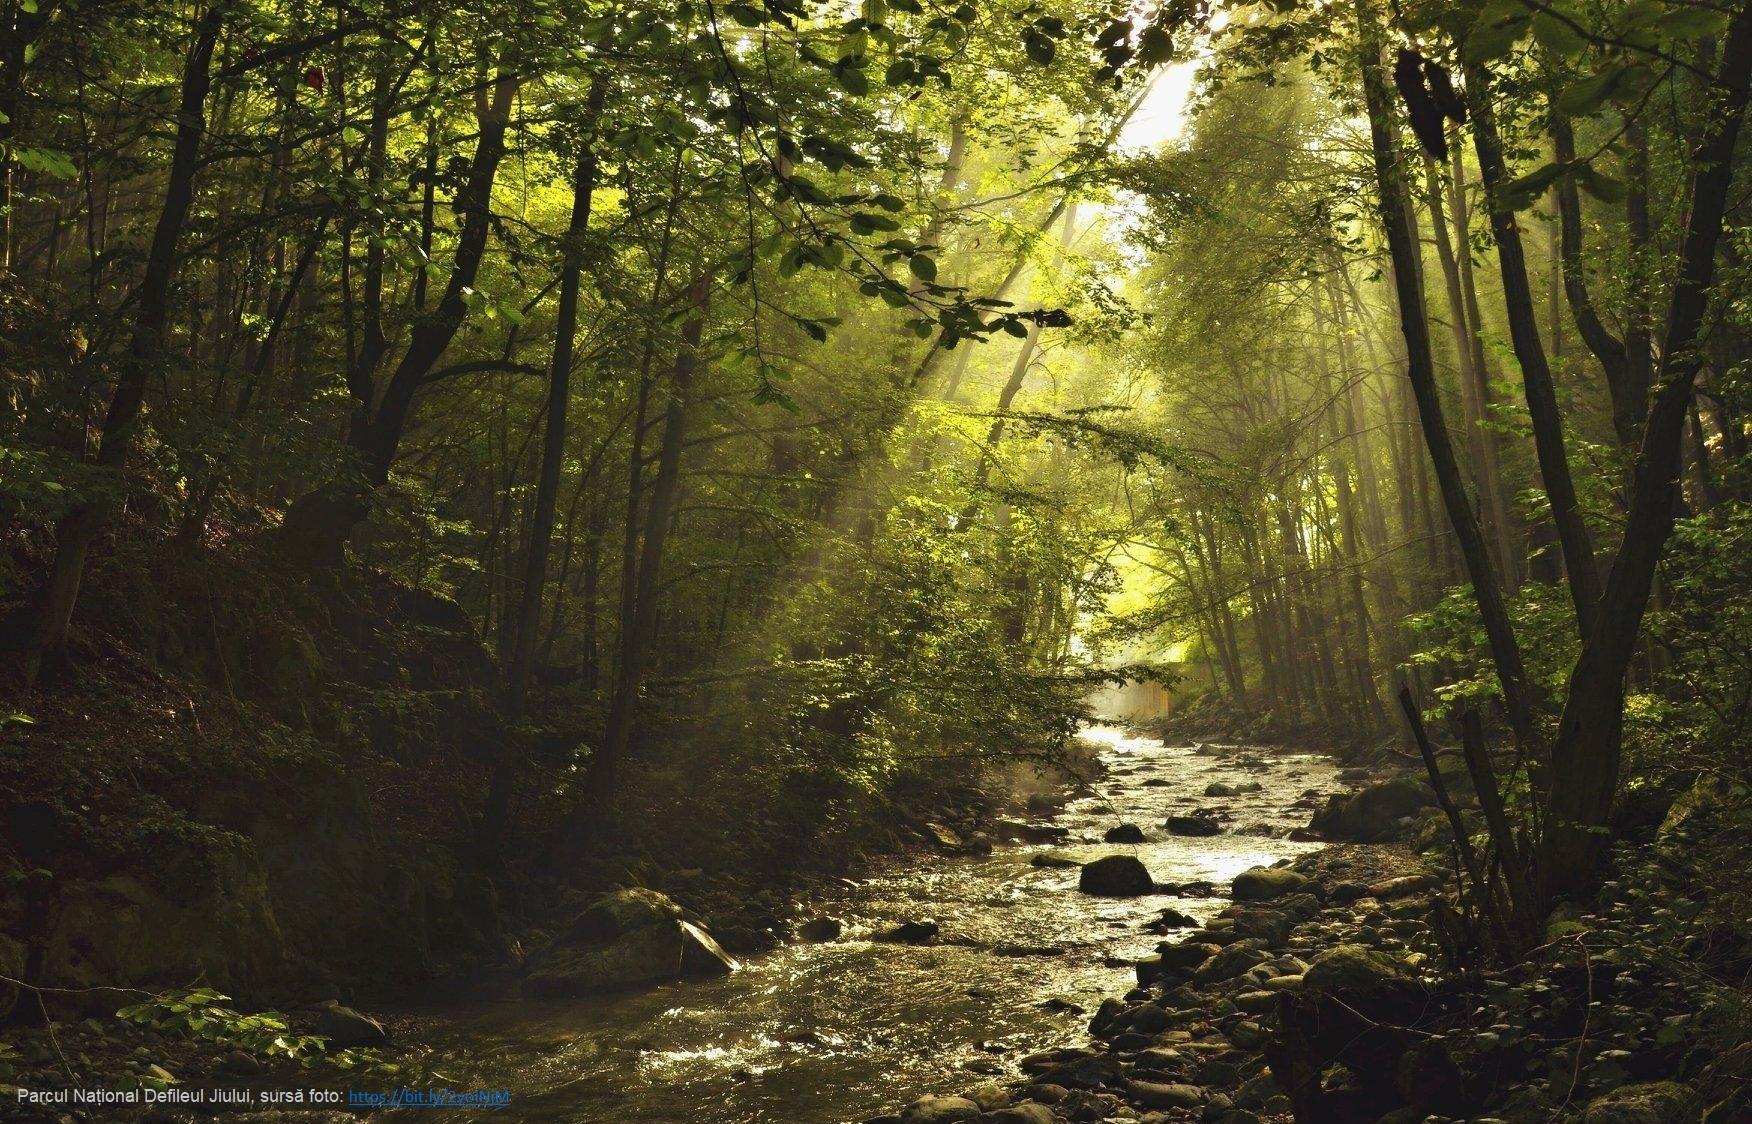 Parcul Național Defileul Jiului, sursă foto: https://bit.ly/2yoiNjM